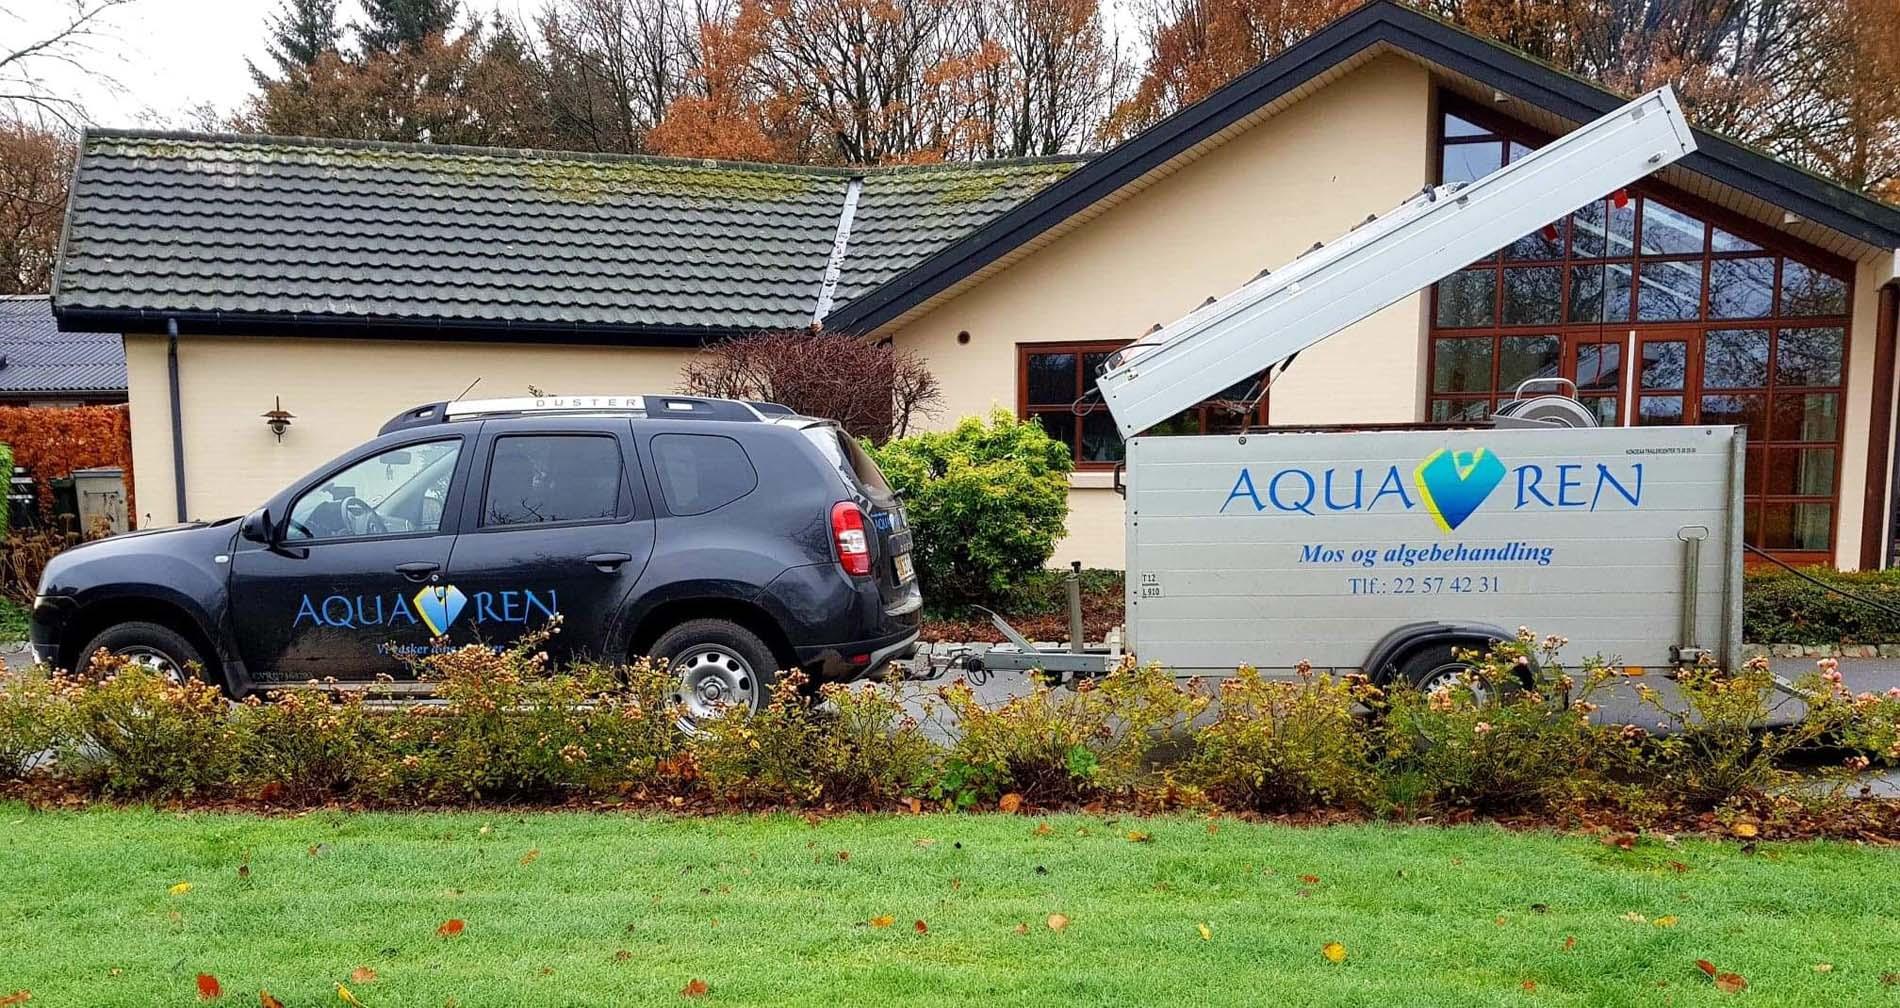 Aquaren Mos- og algebehandling